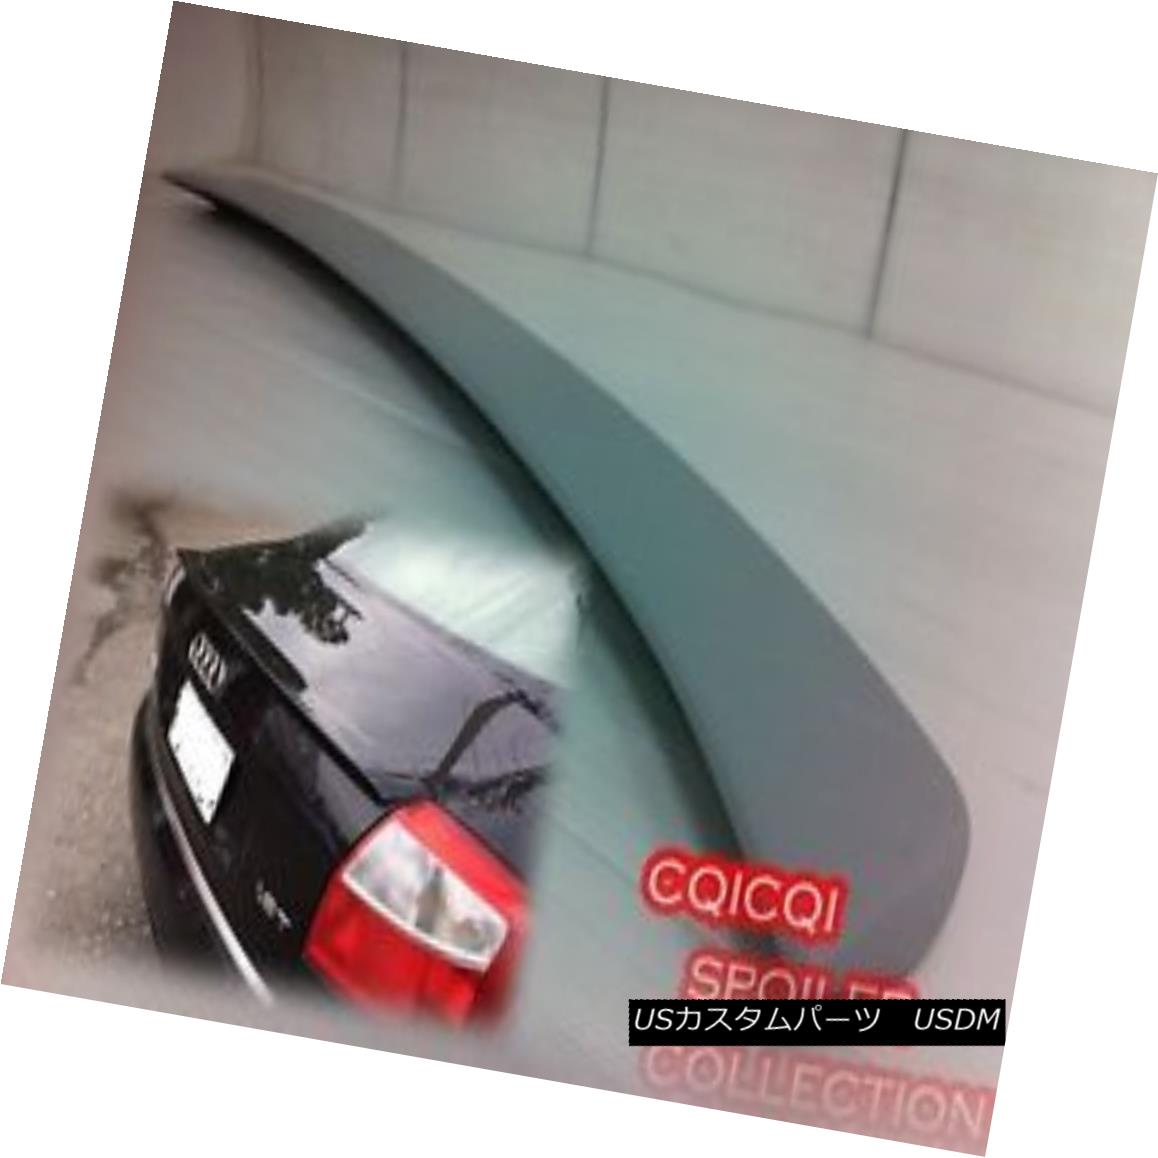 エアロパーツ Painted AUDI 02-05 A4 B6 ABT type rear trunk spoiler all color ◎ ペイントされたAUDI 02-05 A4 B6 ABTタイプの後部トランク・スポイラーは全色?